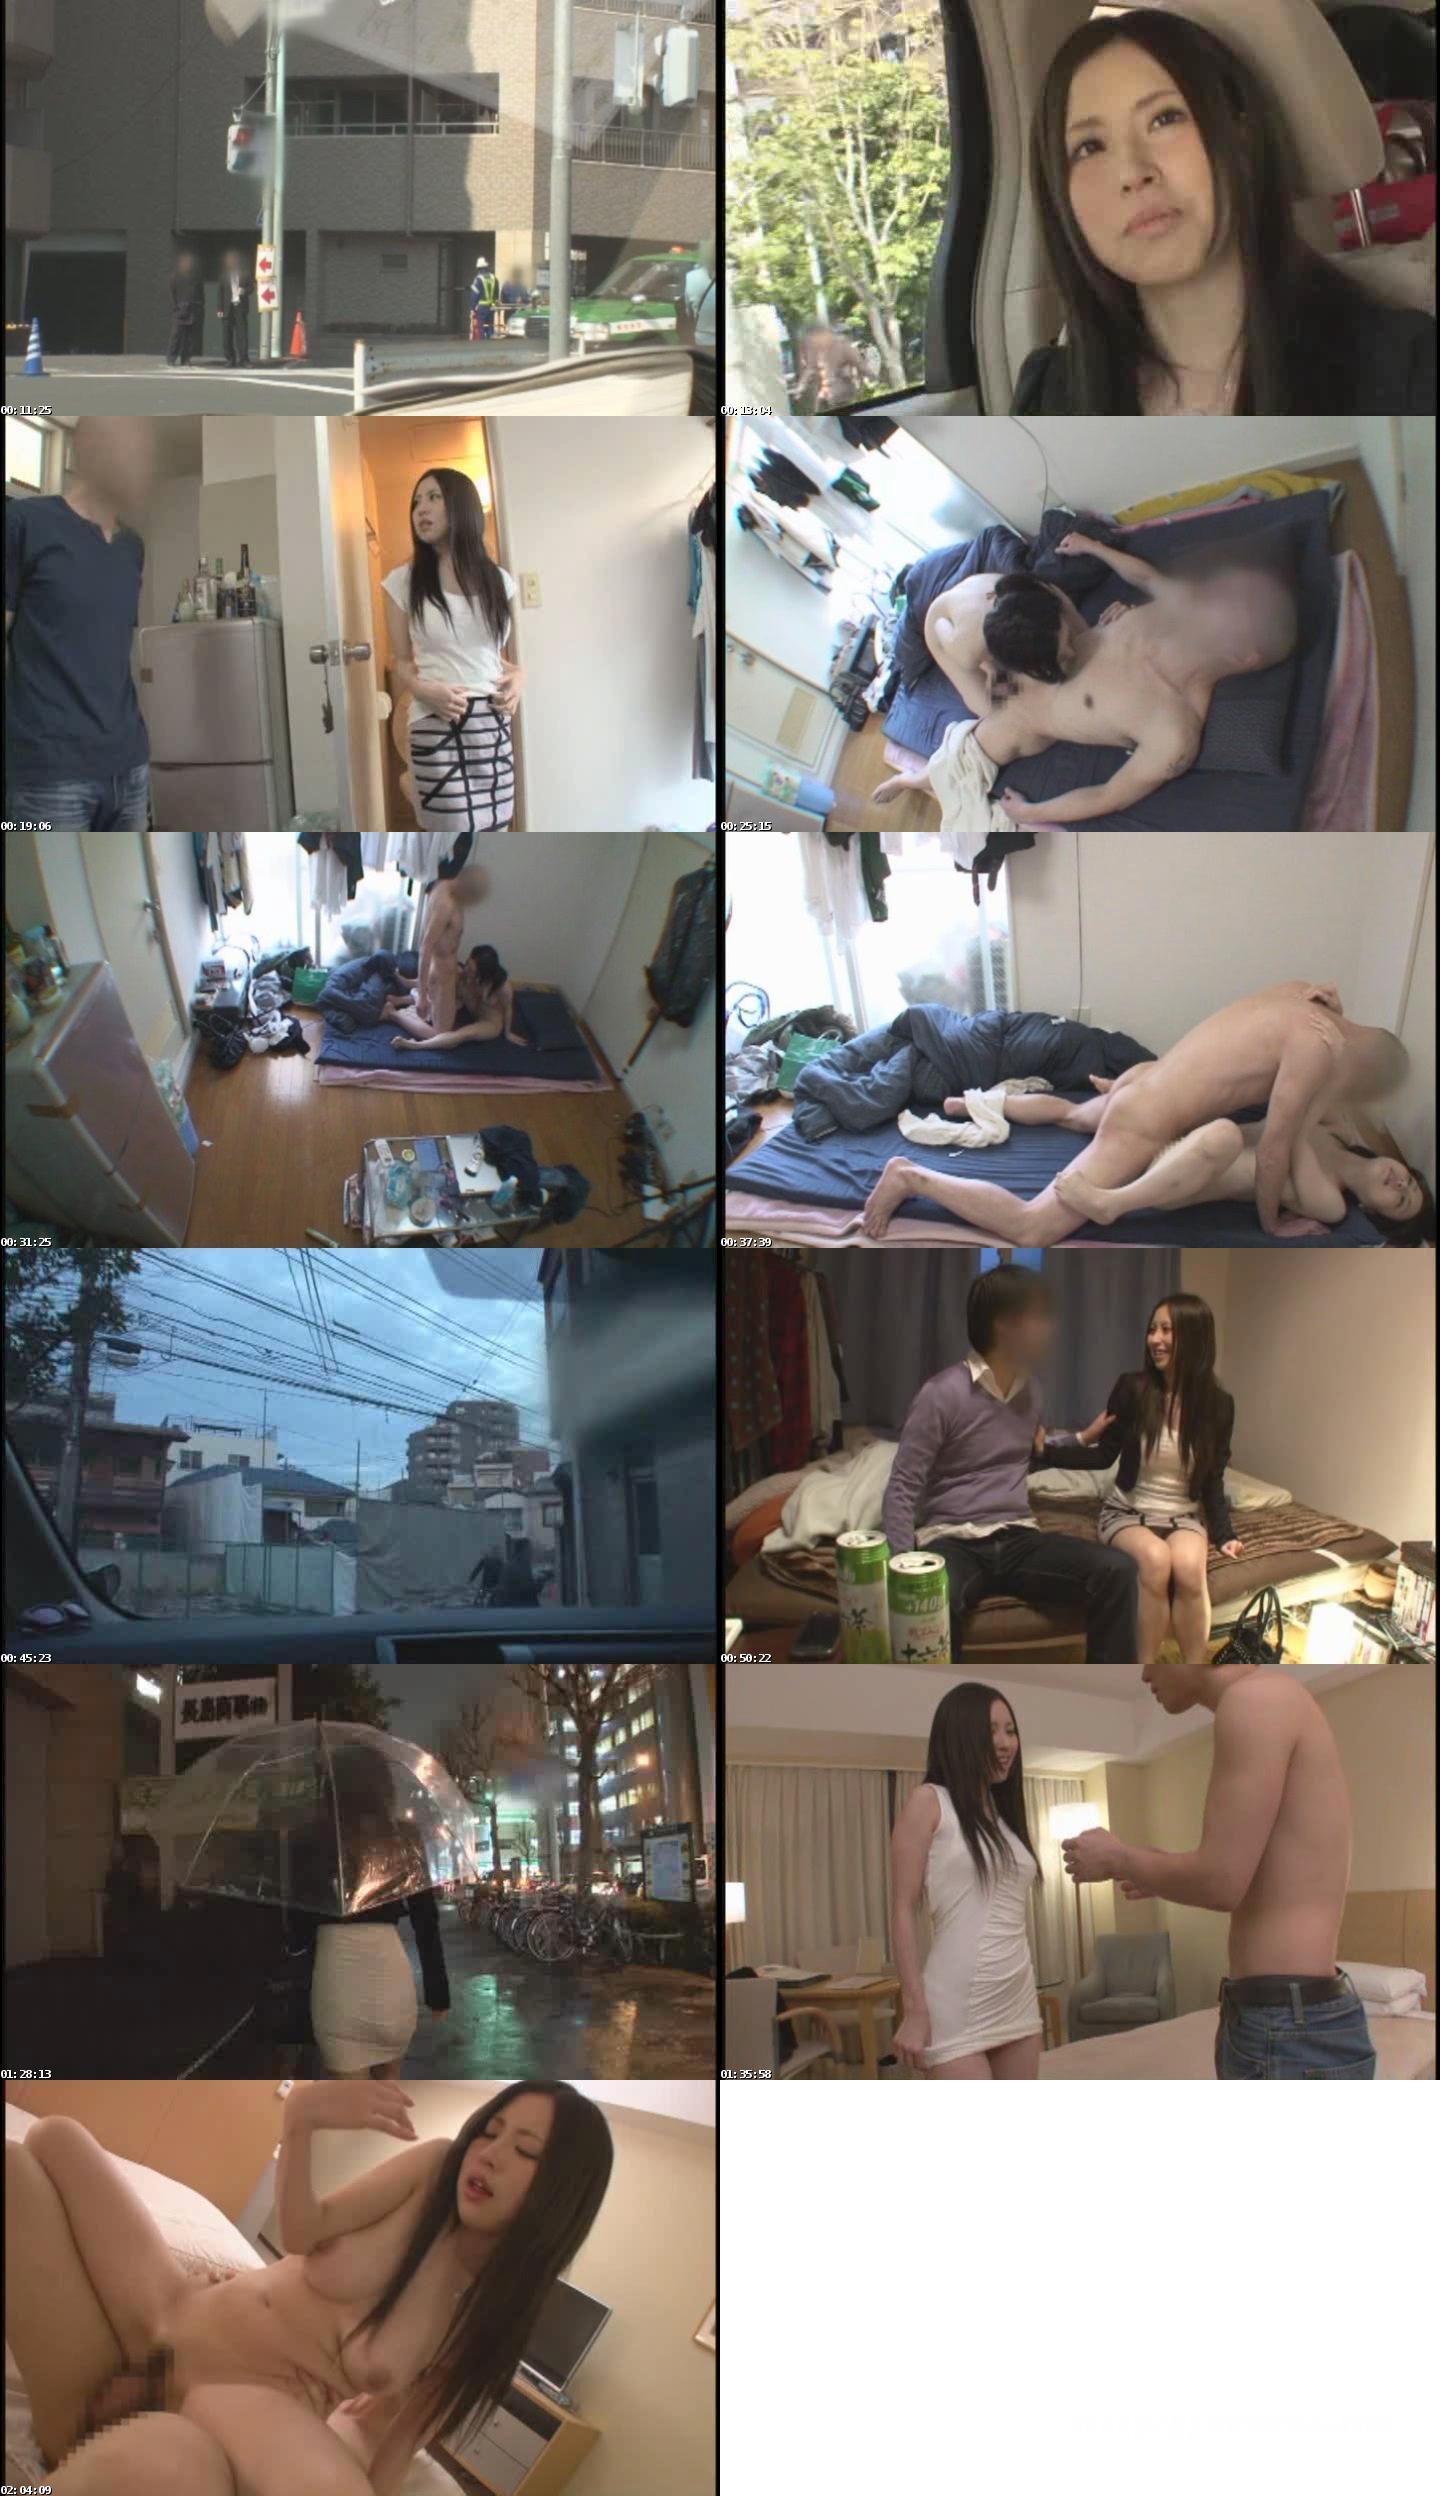 [HD][MAS-039] 絶対的美少女、お貸しします。 ACT.06 - image MAS-039 on https://javfree.me